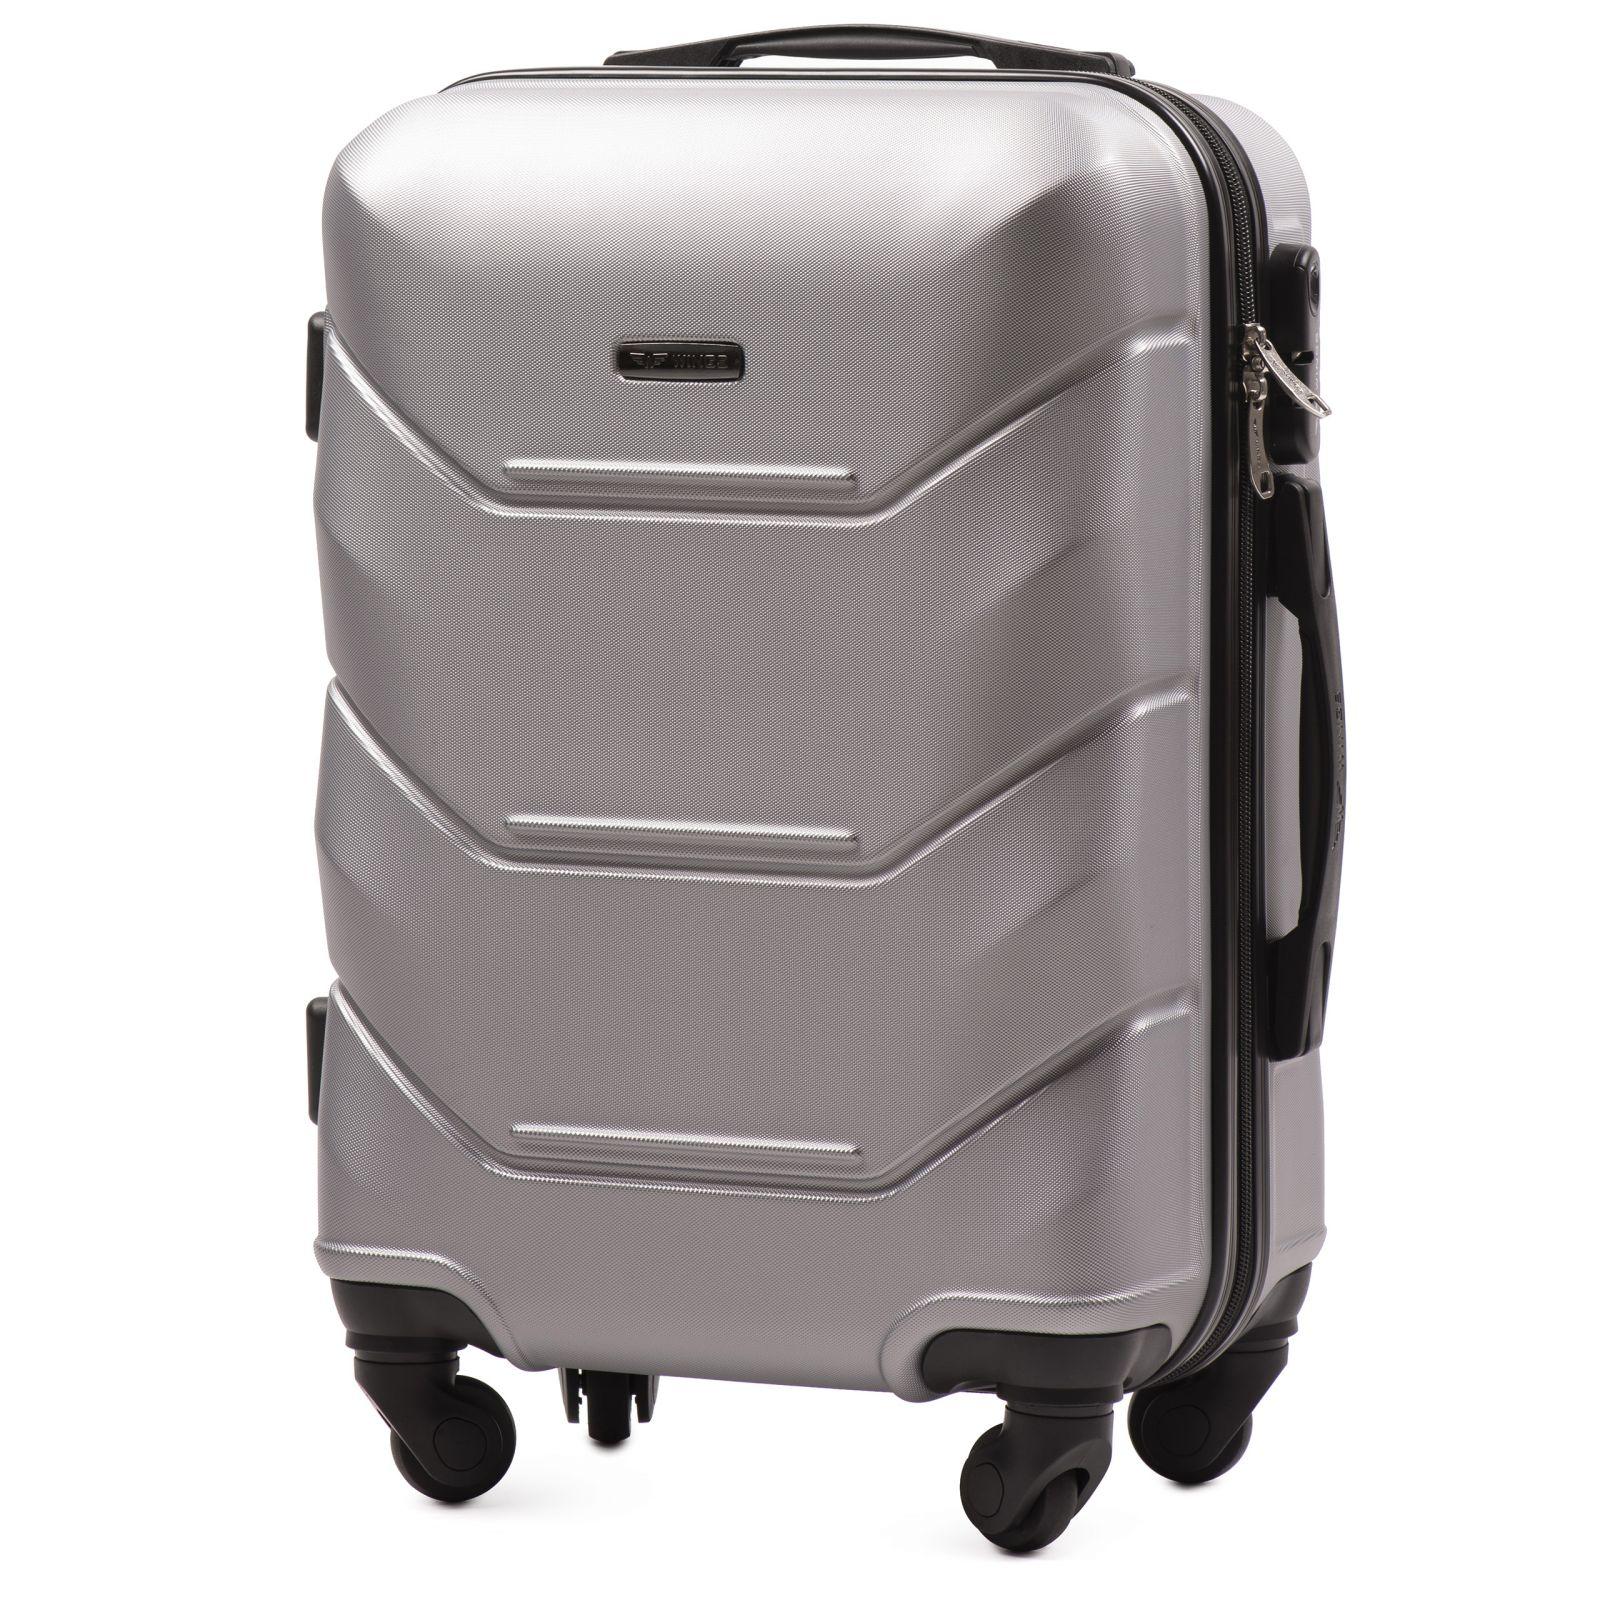 Cestovní kufr WINGS 147 ABS SILVER malý S